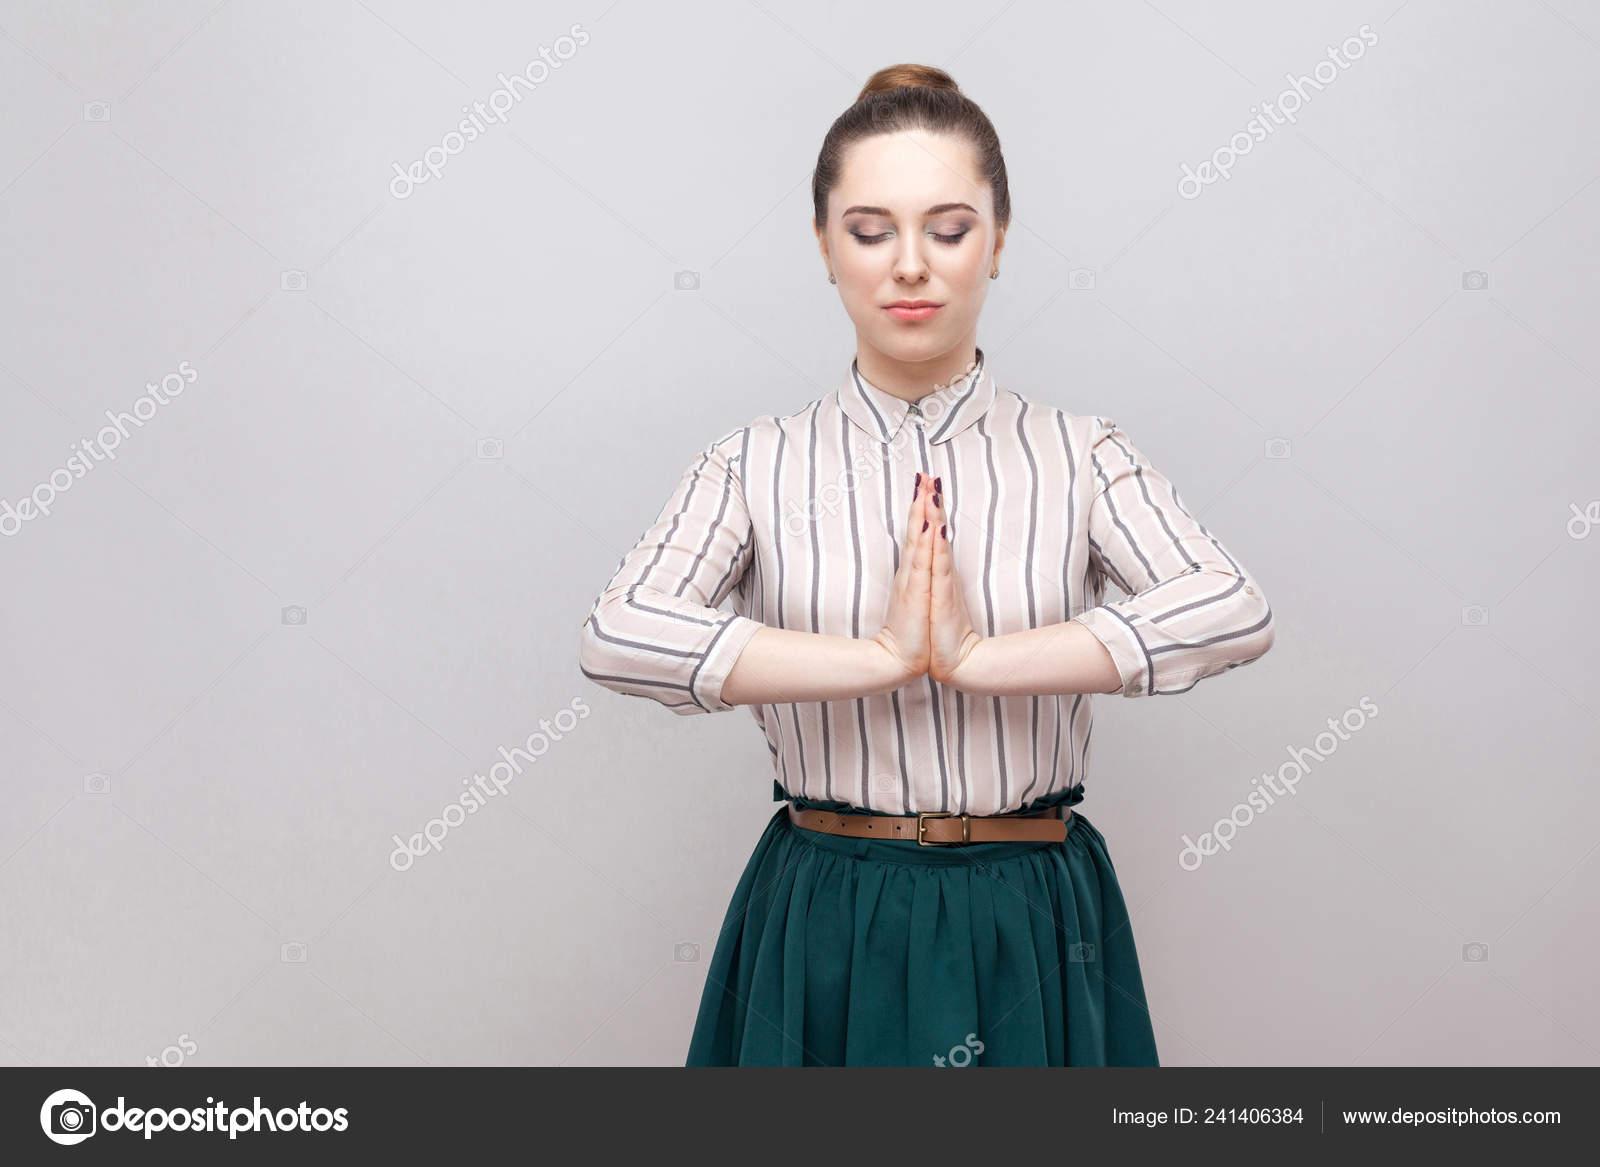 189bfa6daf Retrato Mujer Joven Tranquila Camiseta Rayas Falda Verde Con Pie — Fotos de  Stock